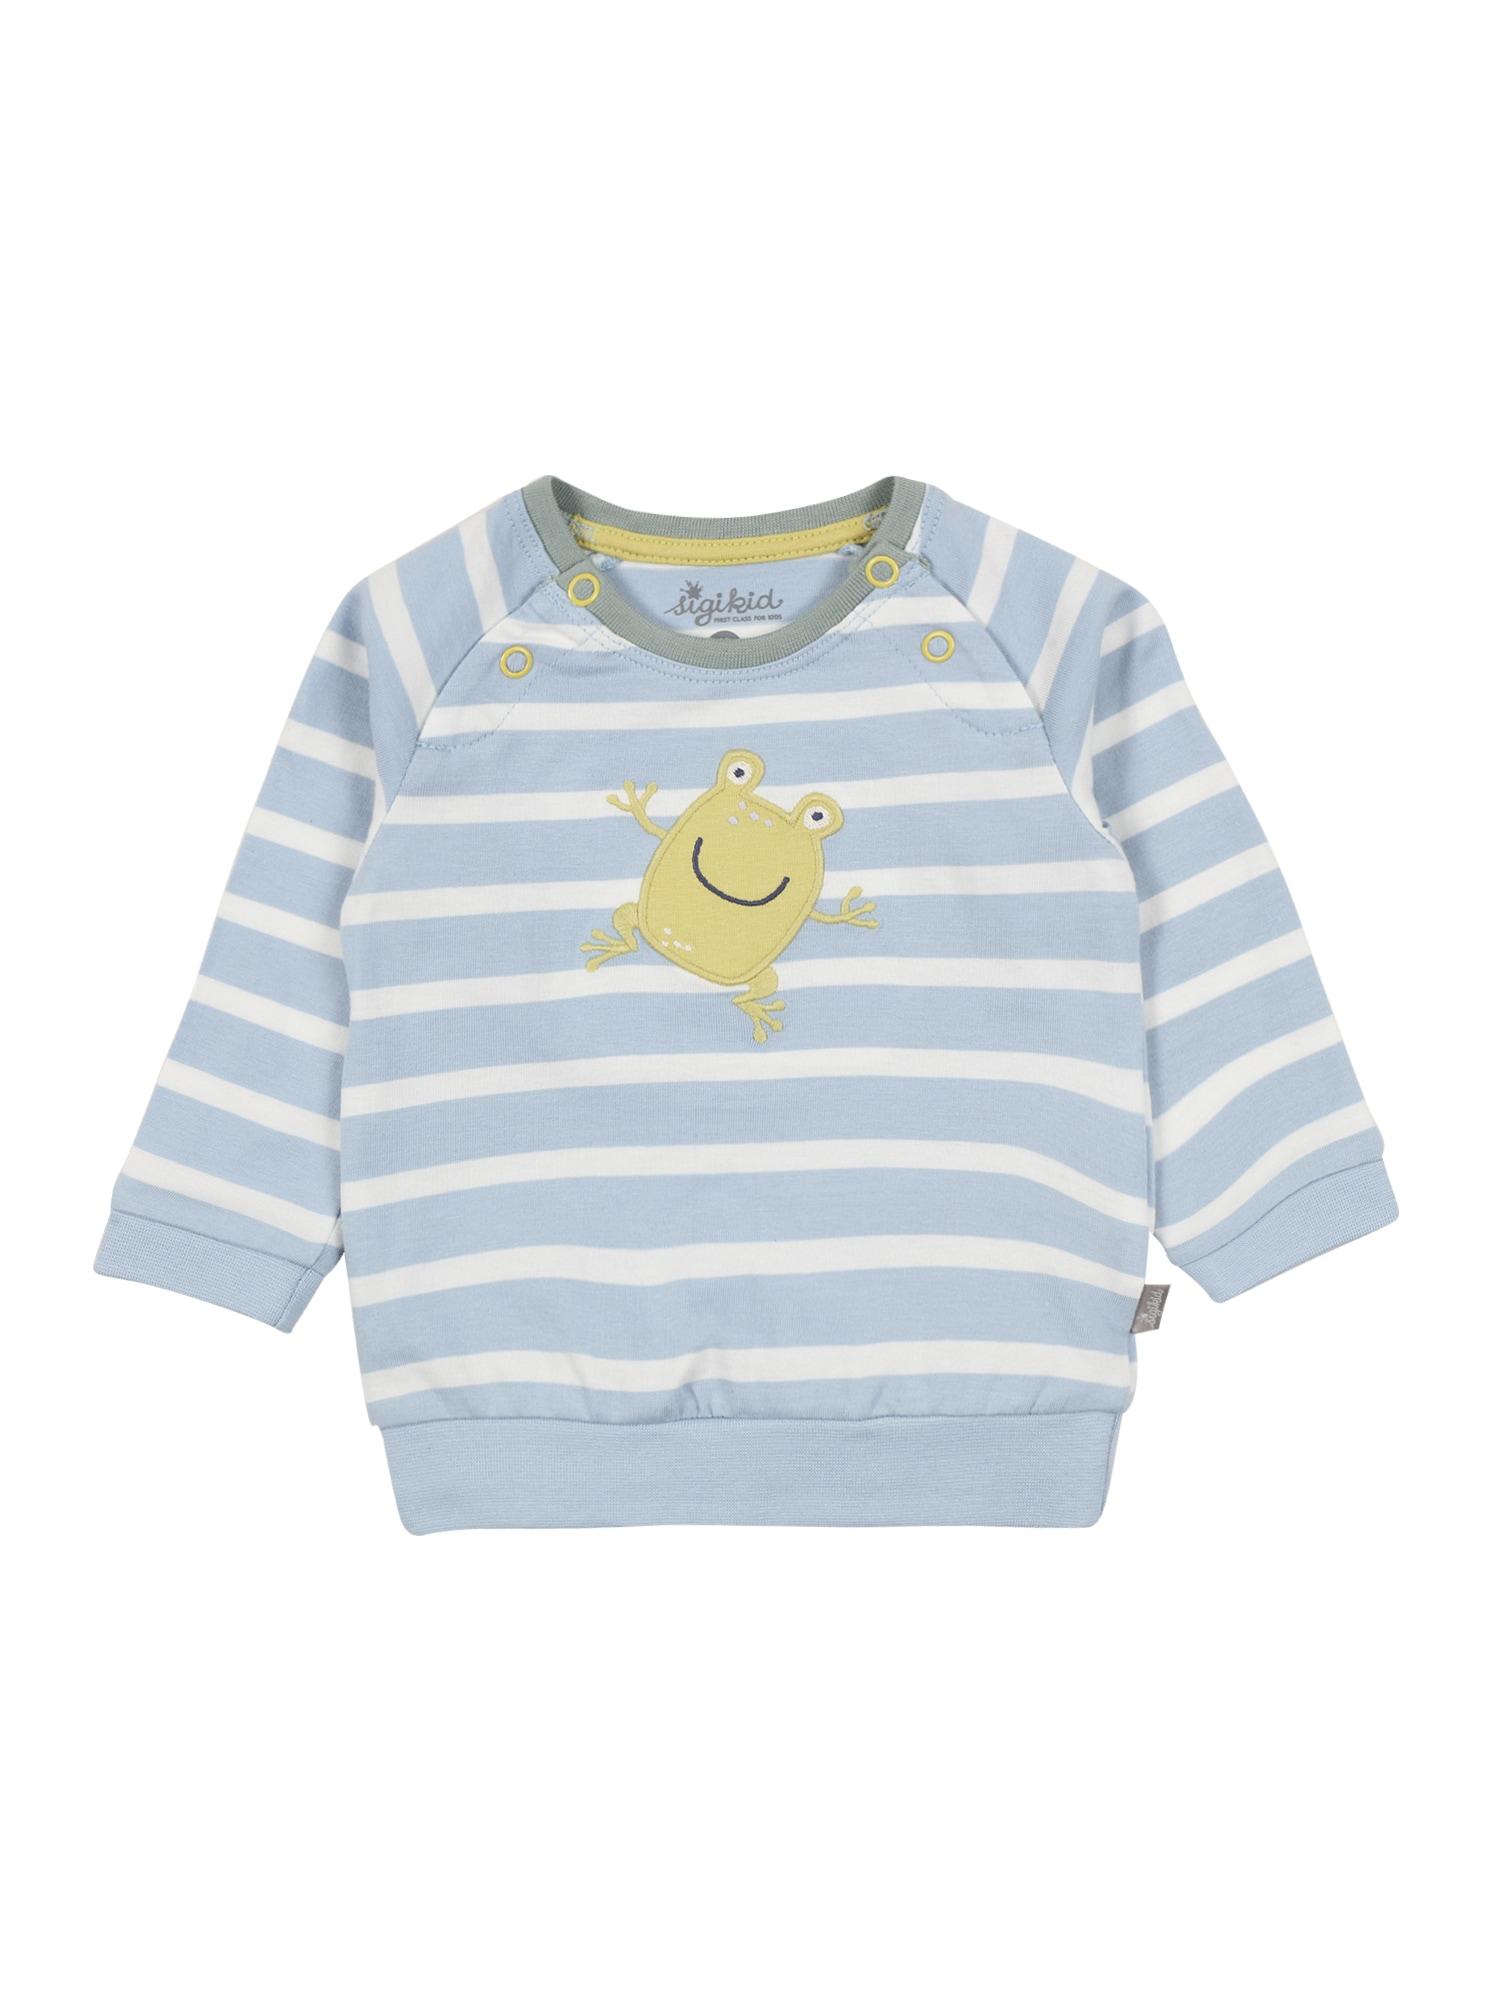 SIGIKID Megztinis be užsegimo opalo / balta / garstyčių spalva